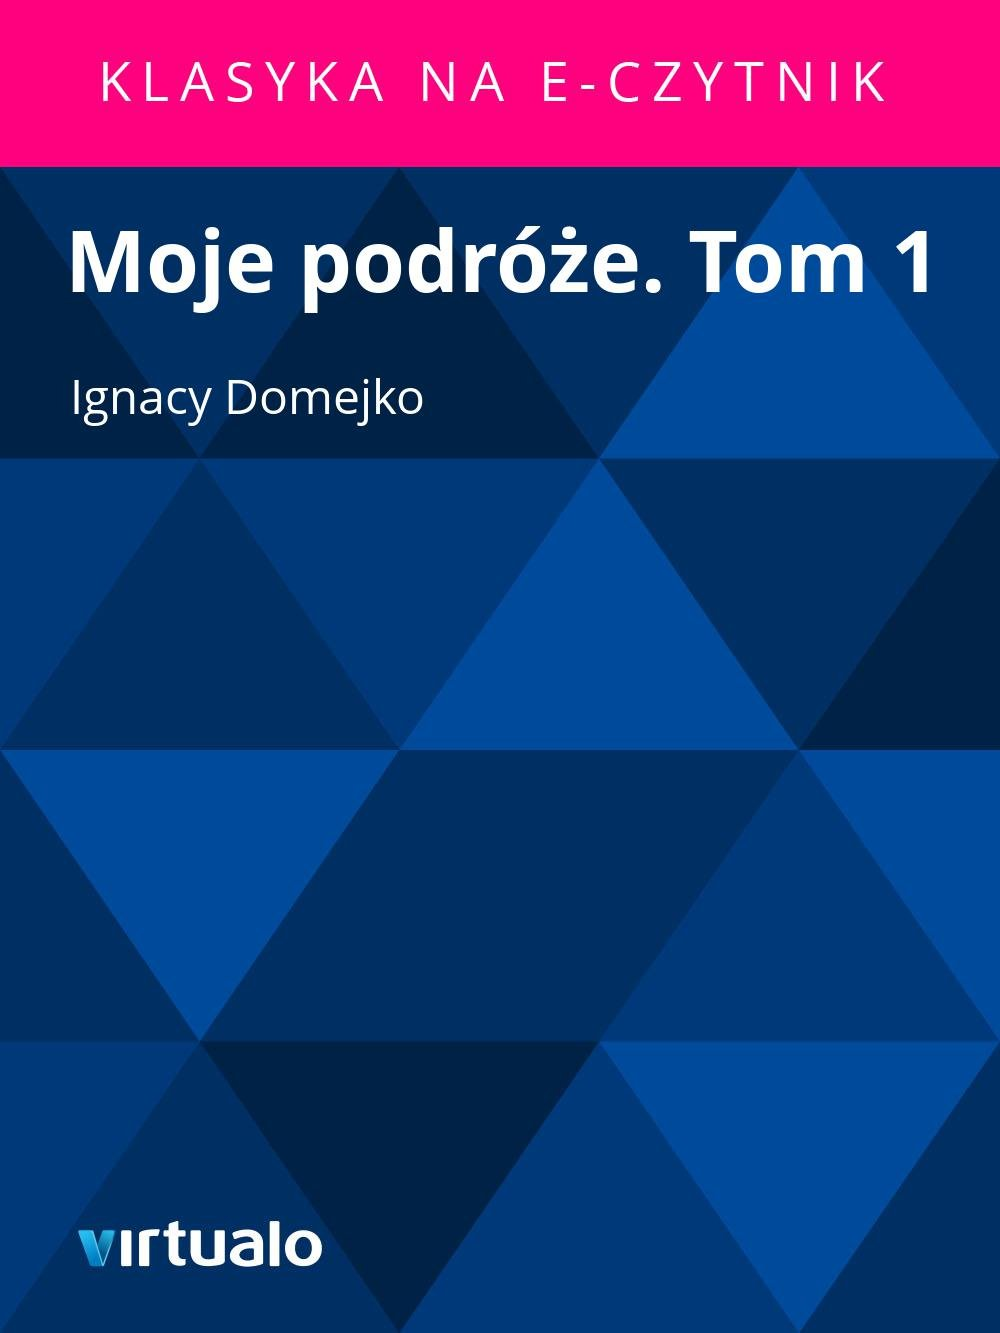 Moje podróże. Tom 1 - Ebook (Książka EPUB) do pobrania w formacie EPUB